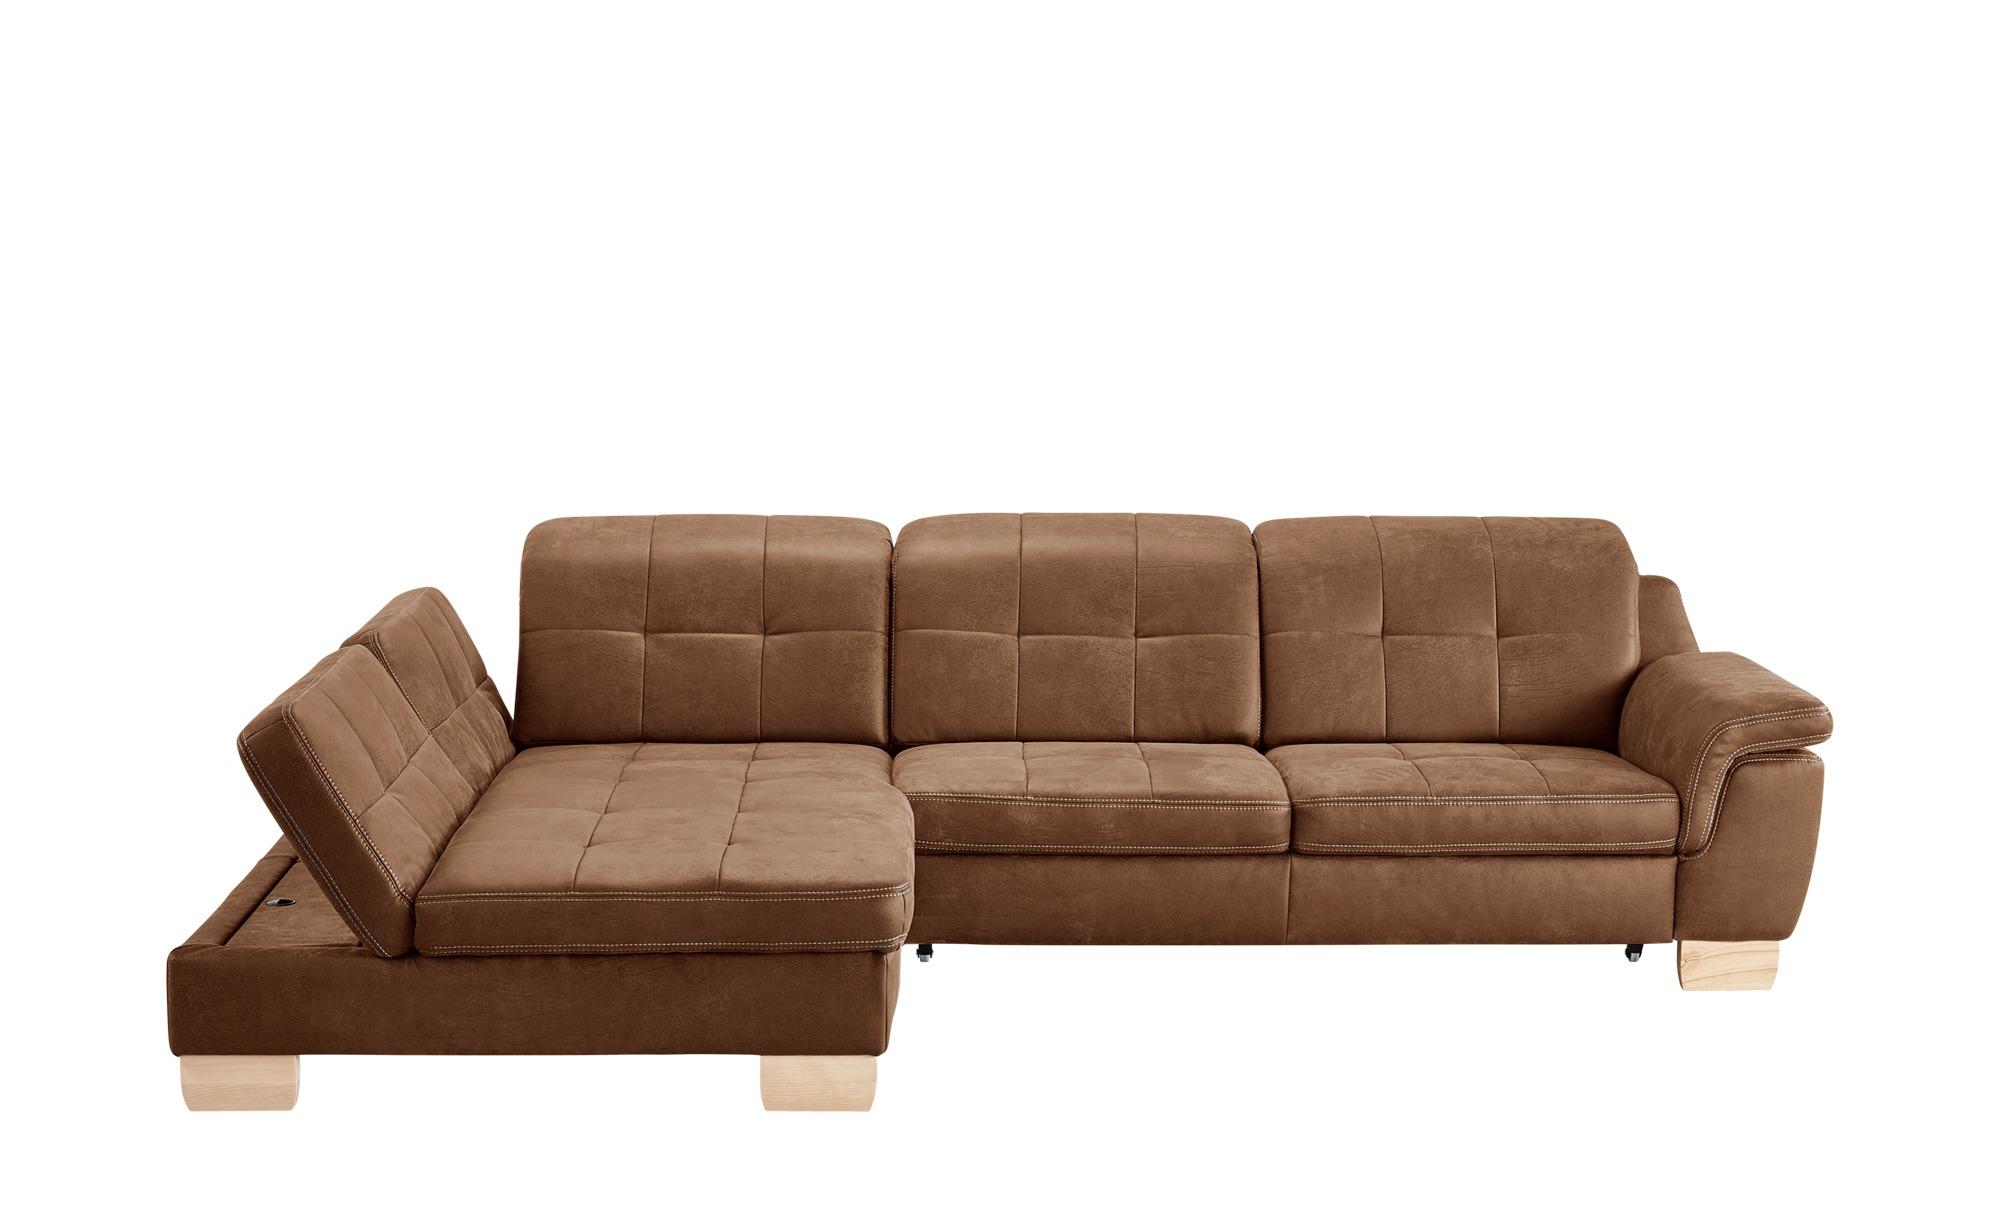 Wohnzimmer Couch Leder Kunstleder Couch Günstig Kaufen Sofa 2 Sitzer Modern Wohnlandschaft Ecksofa Couch Leder Sc Ecksofa Braun Ecksofas Kunstleder Couch